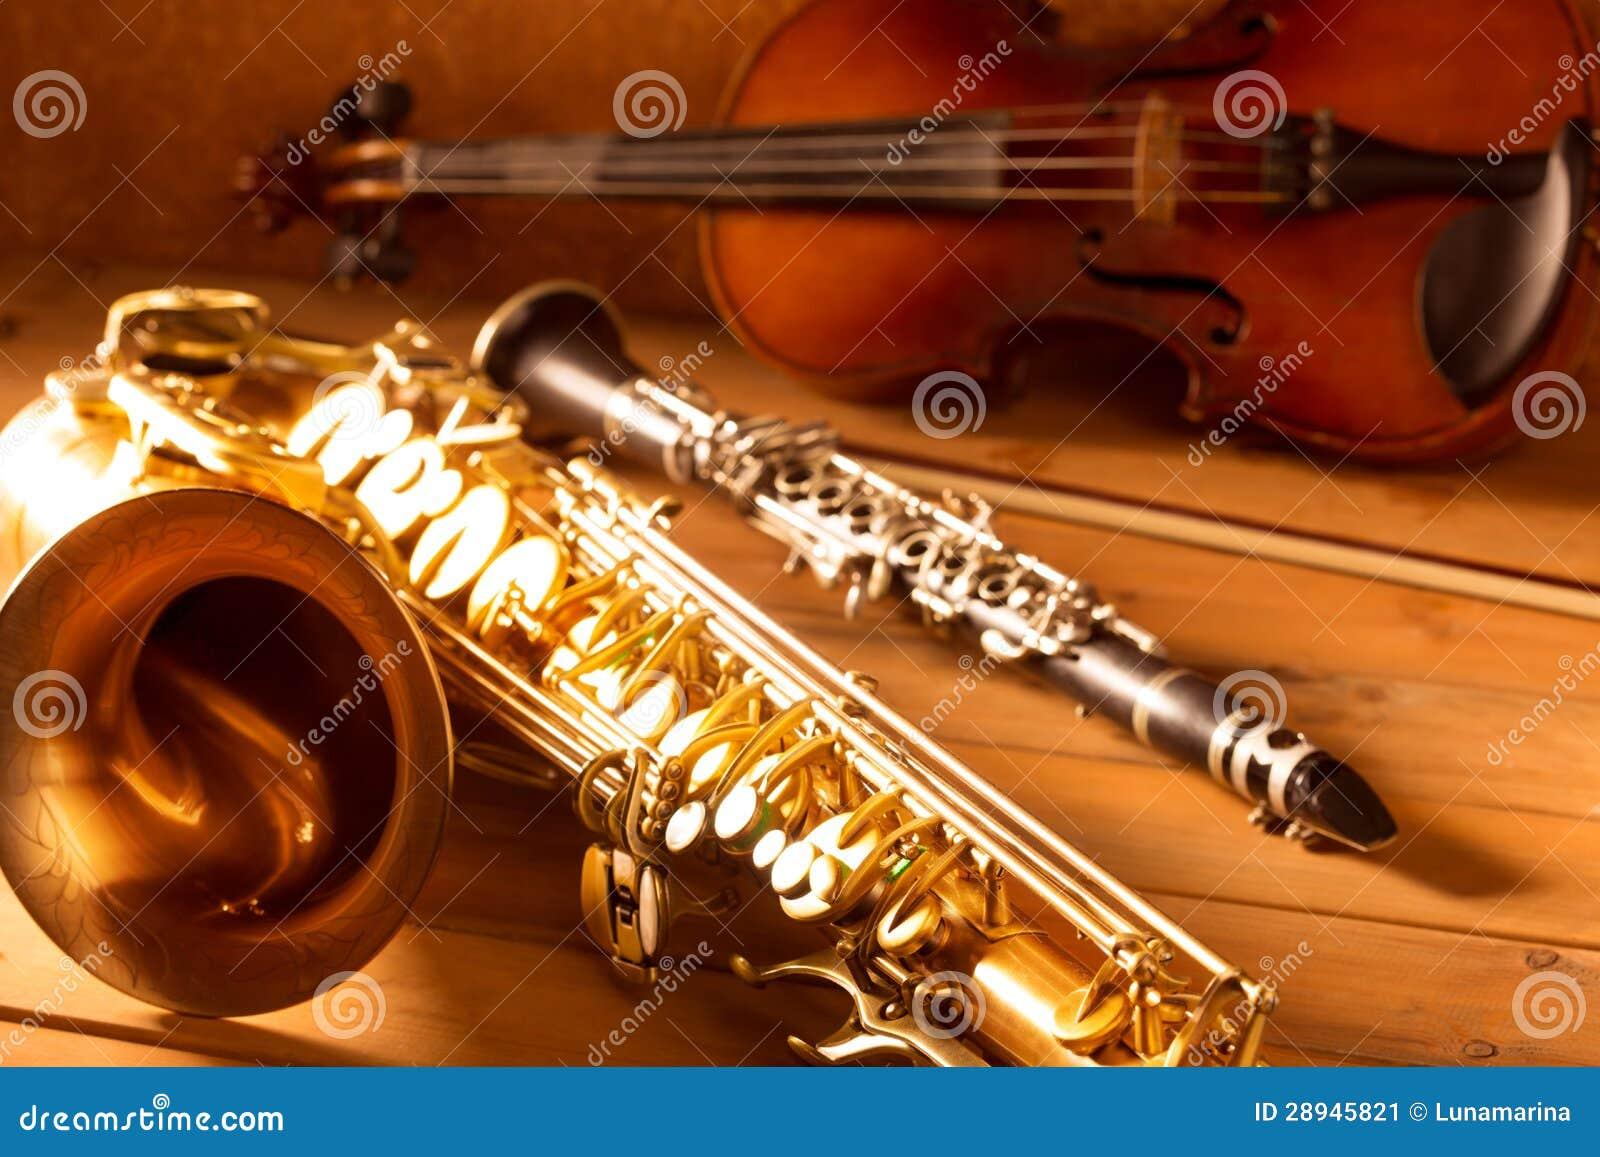 经典音乐萨克斯管进程萨克斯管小提琴和单簧管葡萄酒